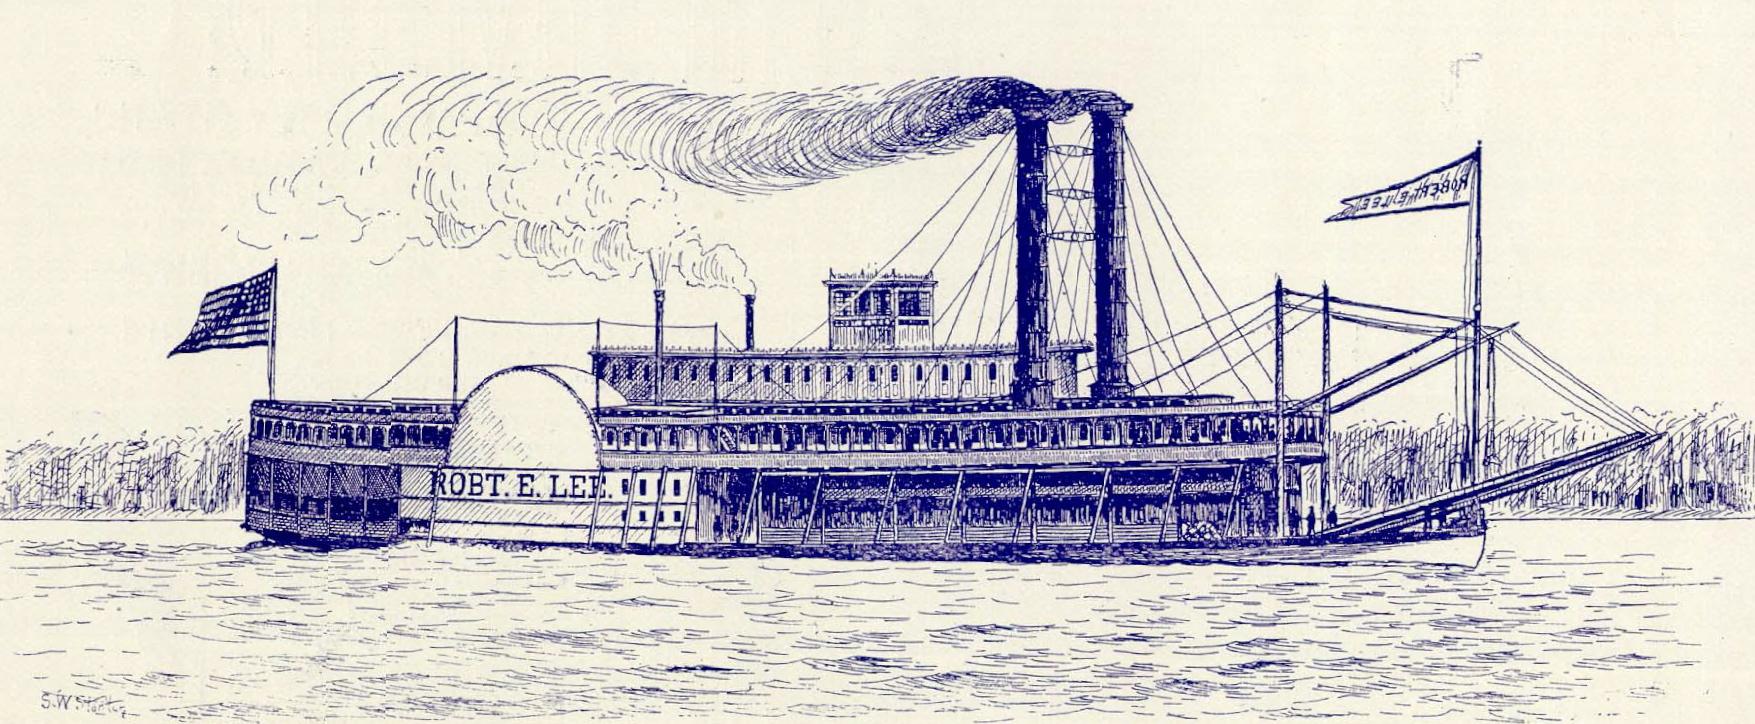 Drawn yacht steamboat Lee E Wikiwand  Robert